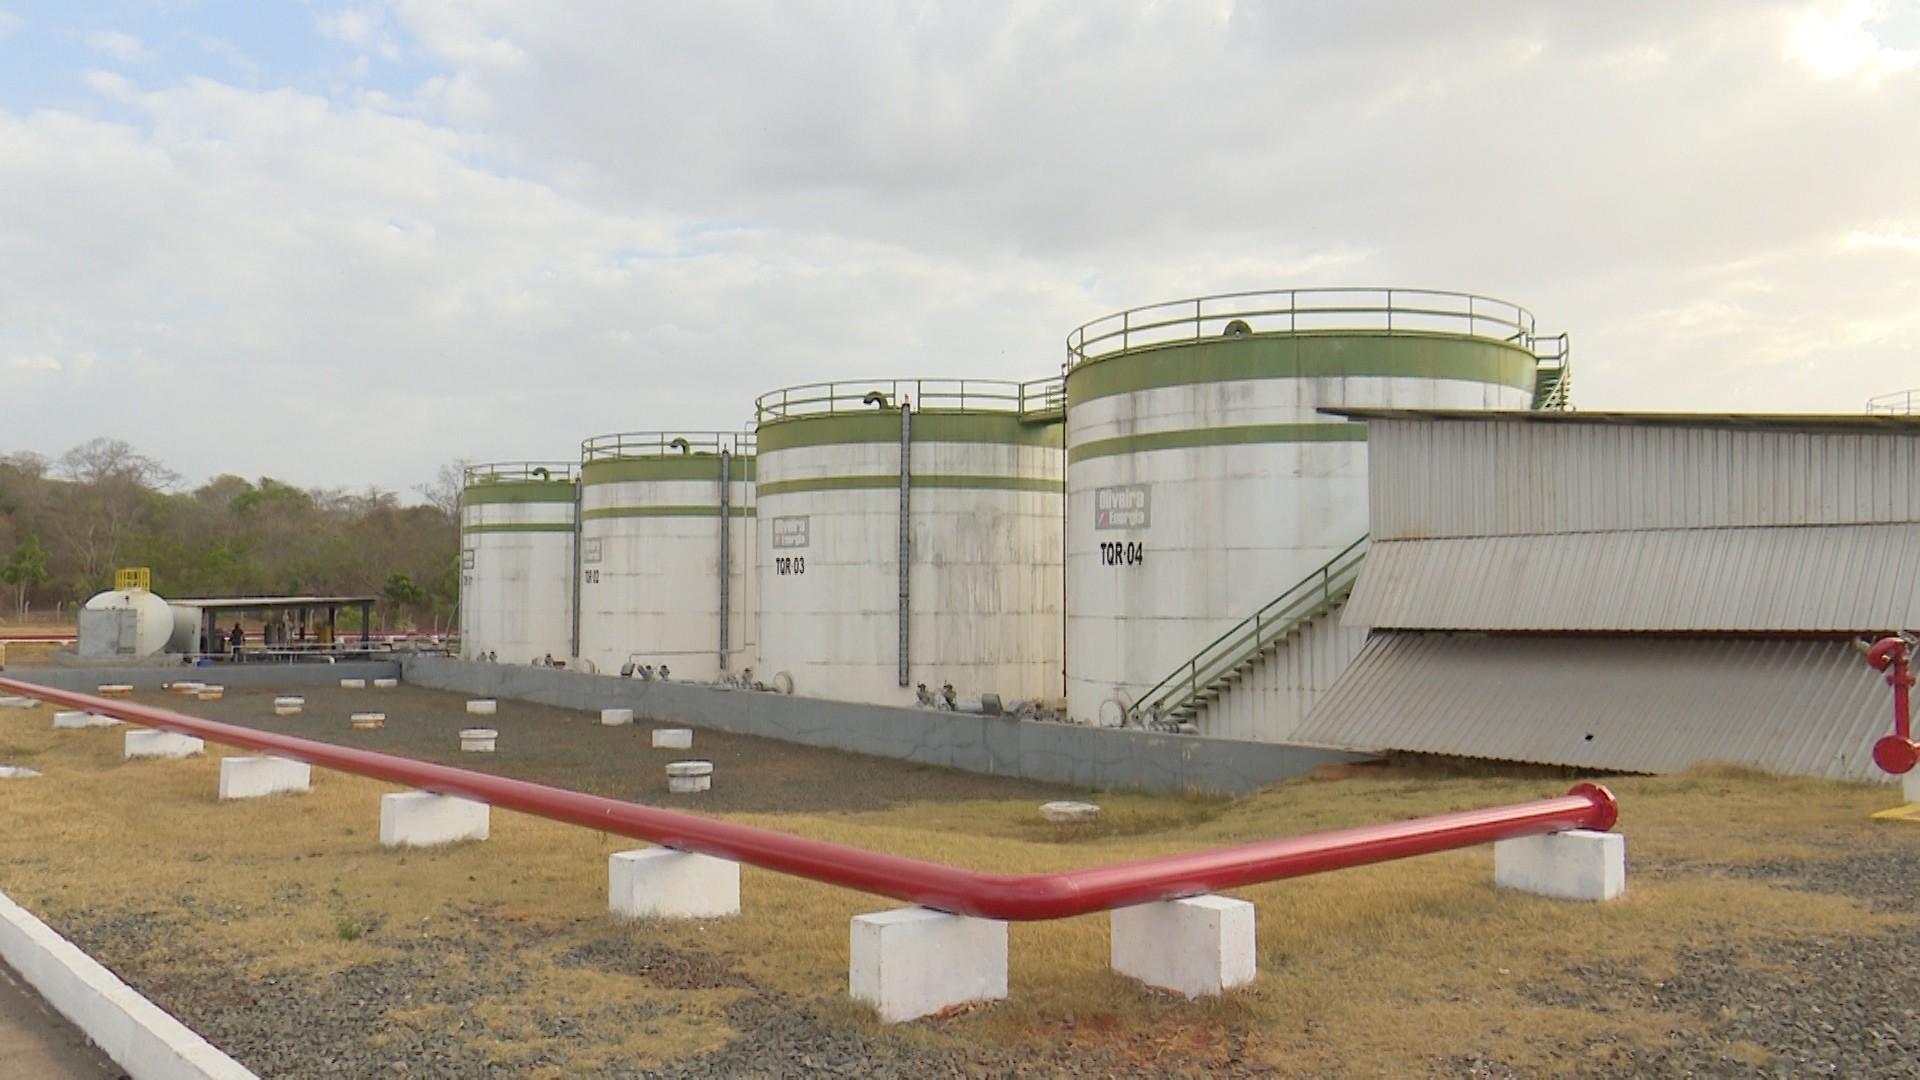 'Não há expectativa sobre Venezuela voltar a abastecer Roraima', diz porta-voz de concessionária de energia